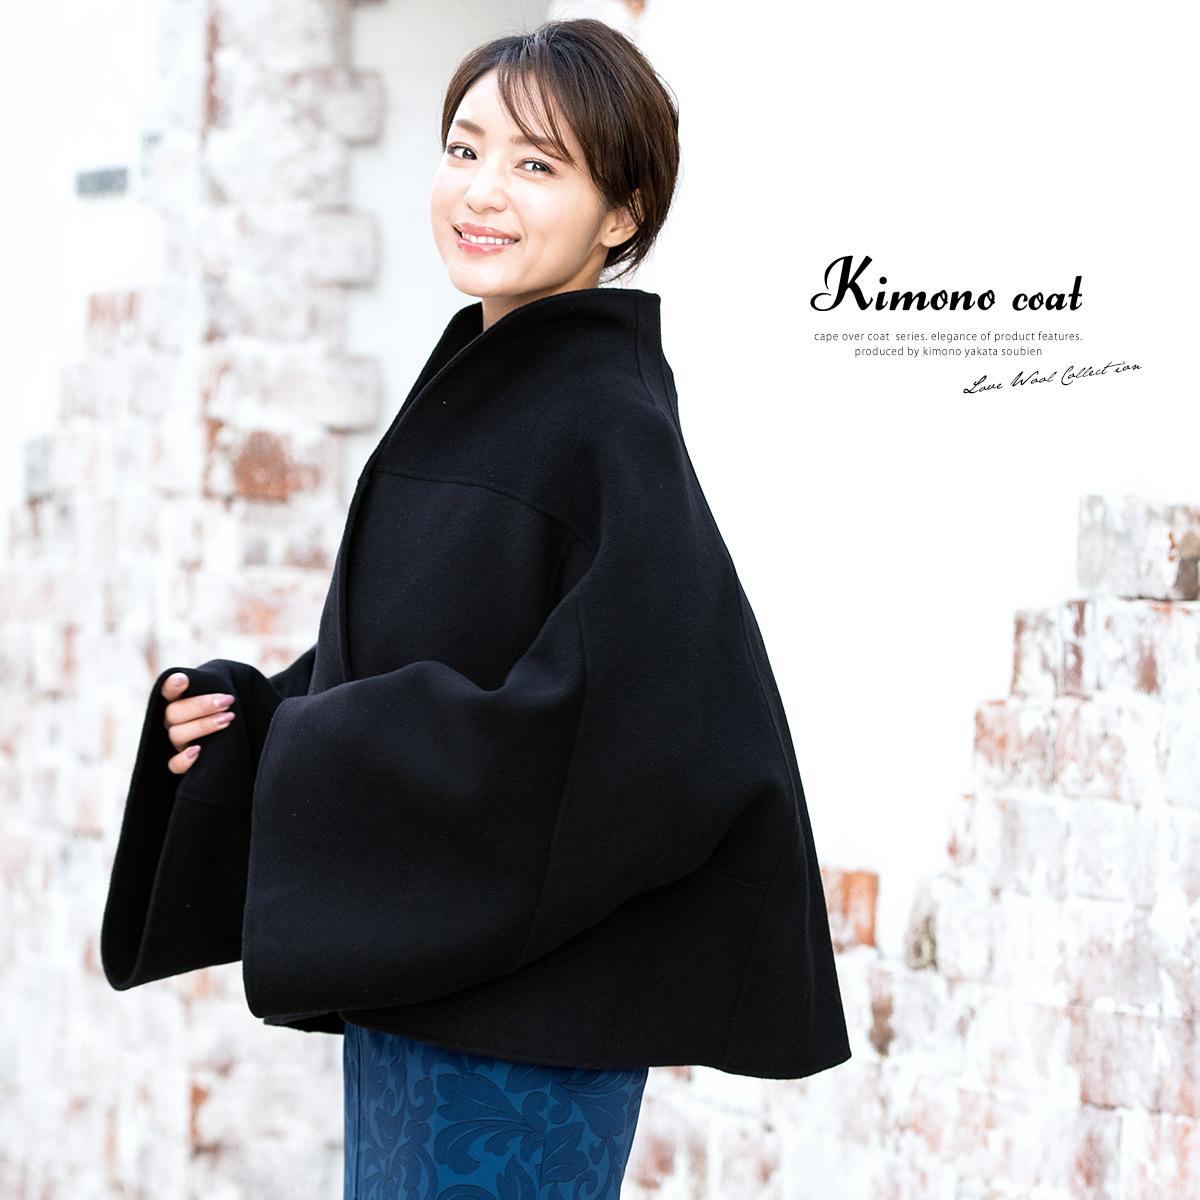 高級毛糸を使用した冬の着物用・和装用コート